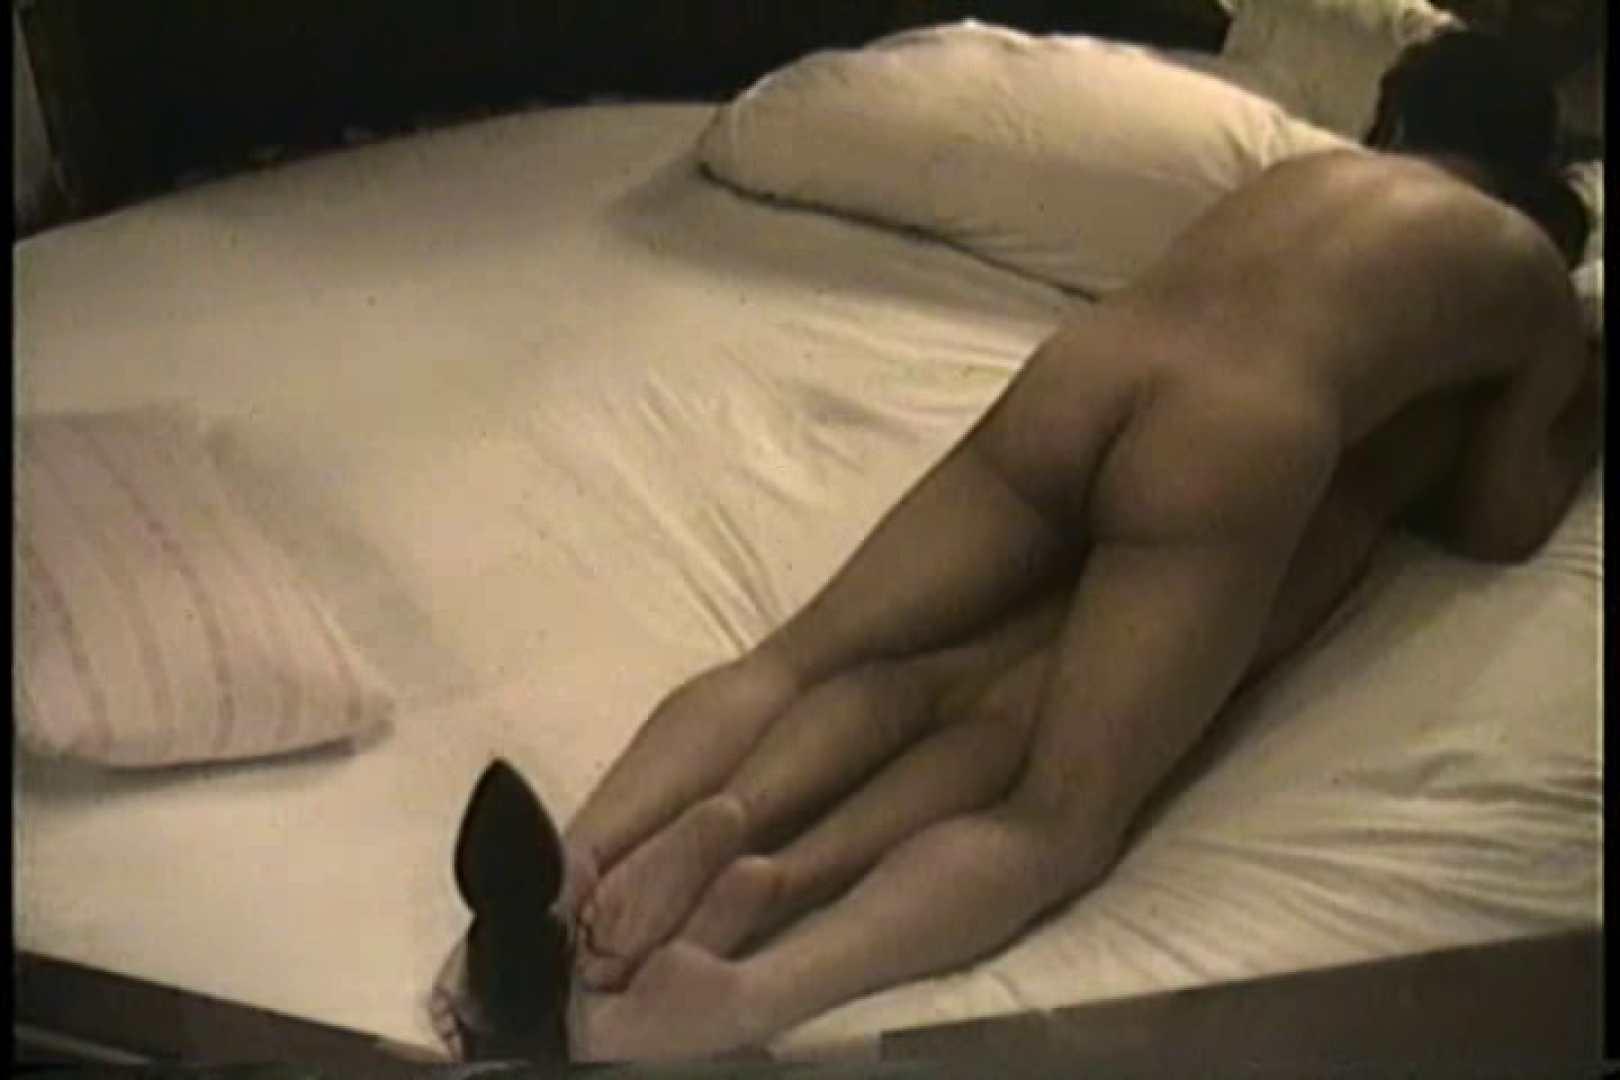 実録!ラブホテル~消し忘れ注意!昭和の色編~ vol.11 OLセックス 盗み撮りAV無料動画キャプチャ 69画像 50